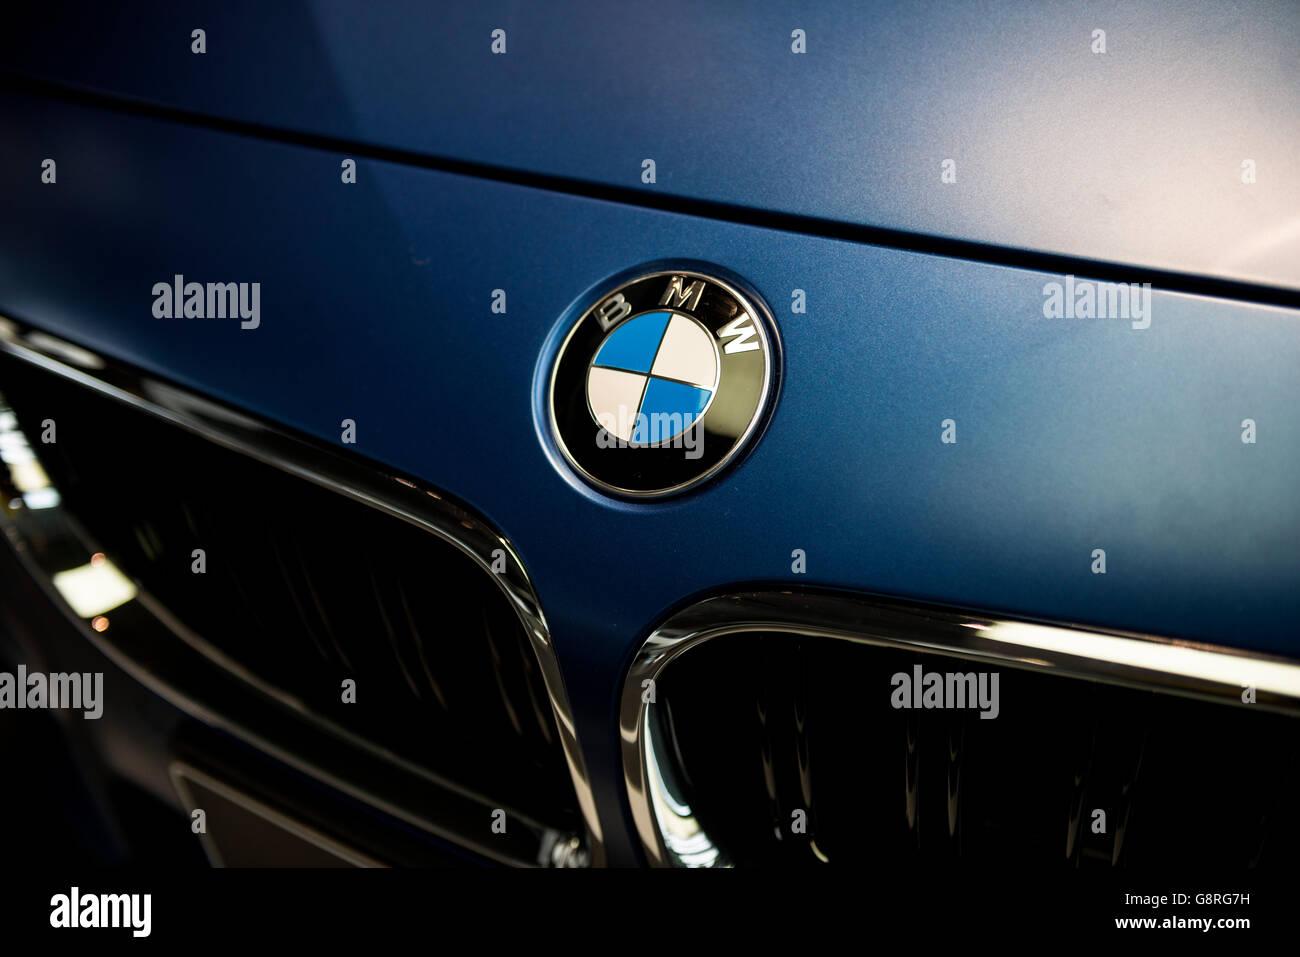 bmw logo auf motorhaube stockfoto, bild: 108697109 - alamy